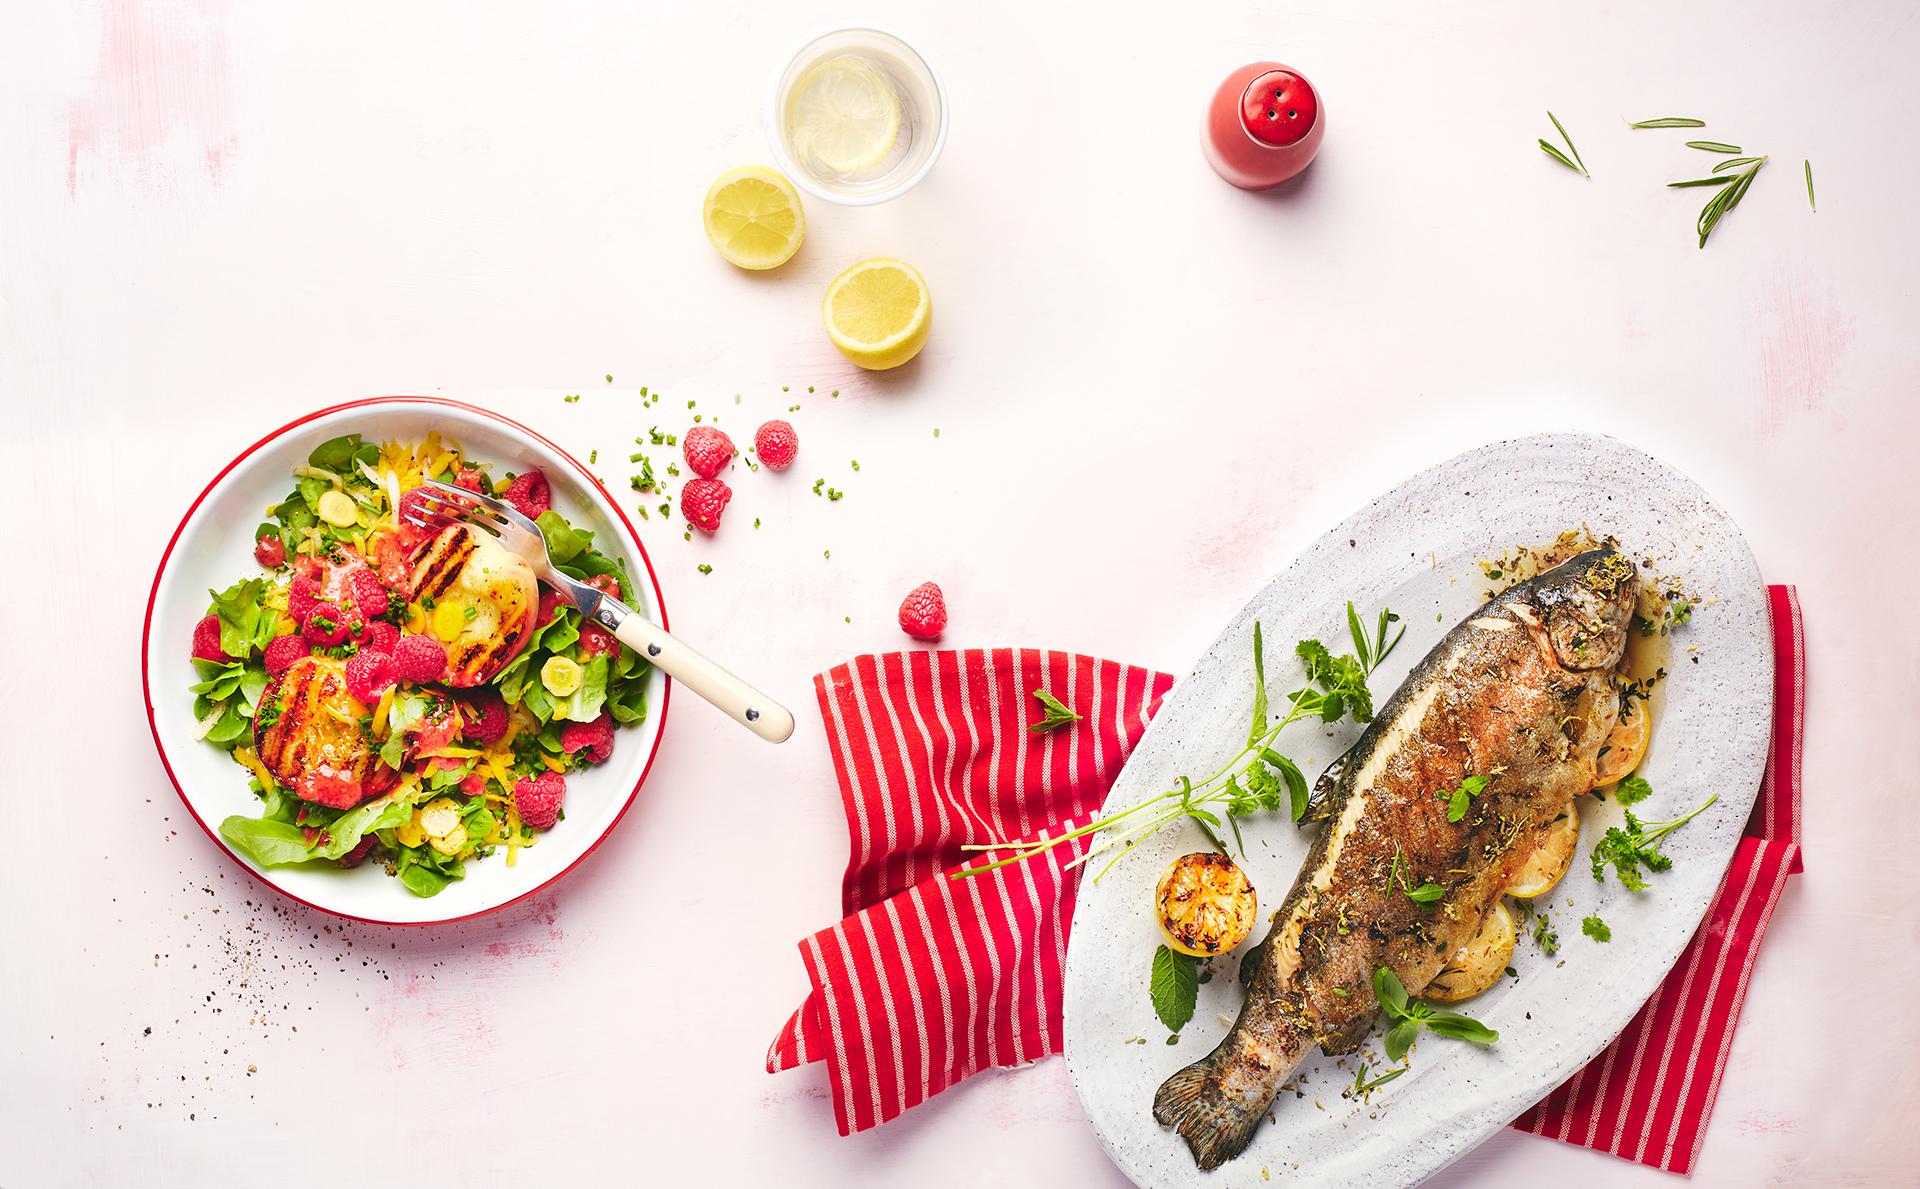 forelle-gegrillt-salat-frisch-sommer